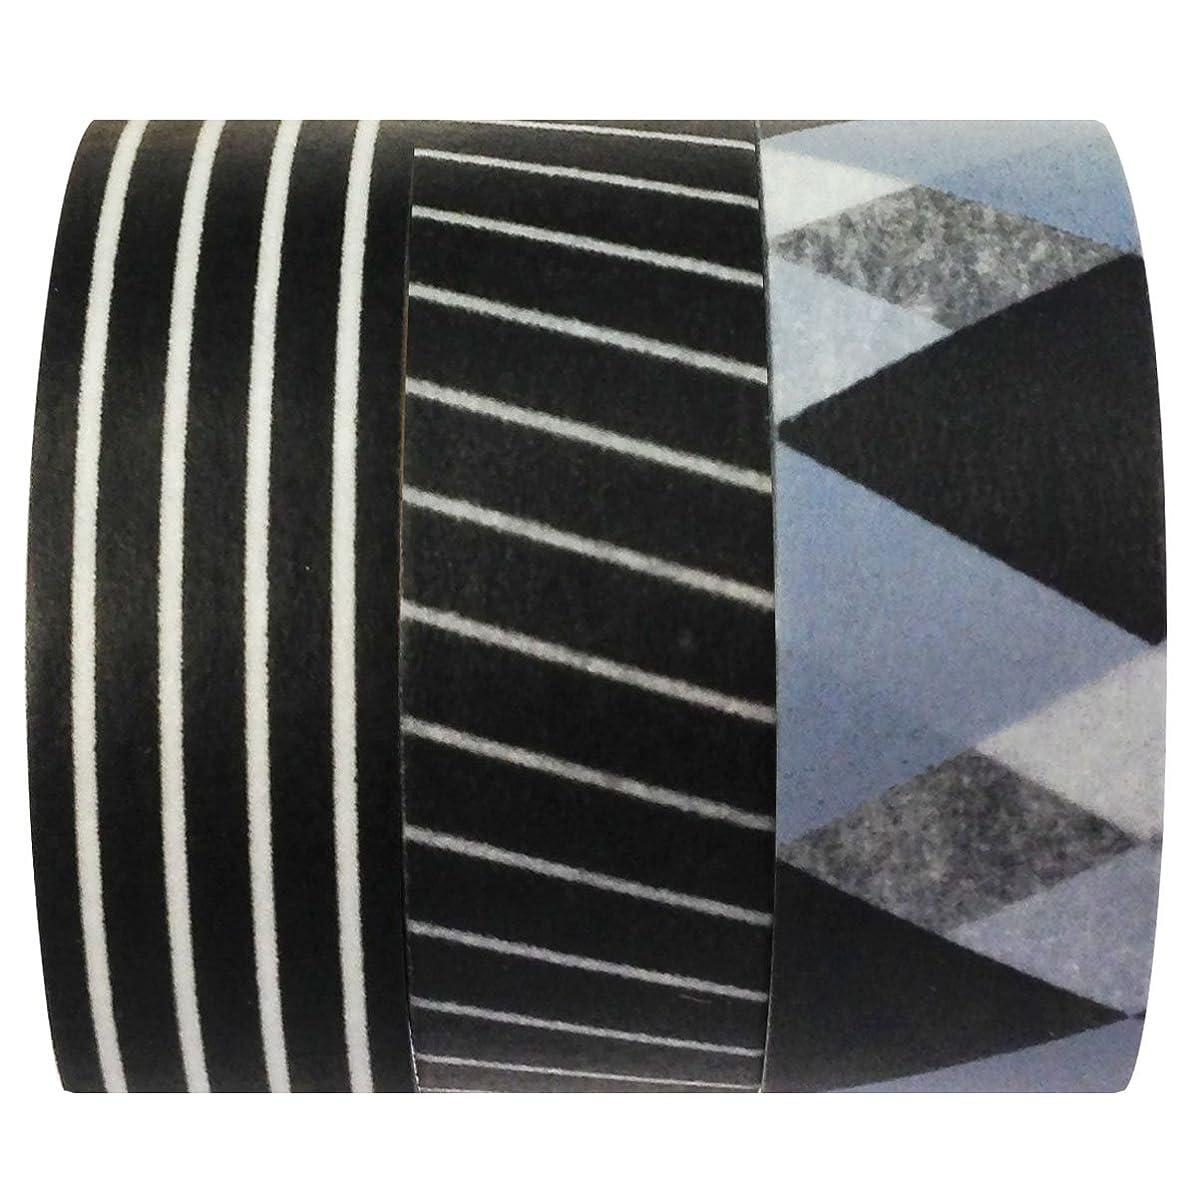 Wrapables Japanese Washi Masking Tape, 10m by 15mm, Tuxedo, Set of 3